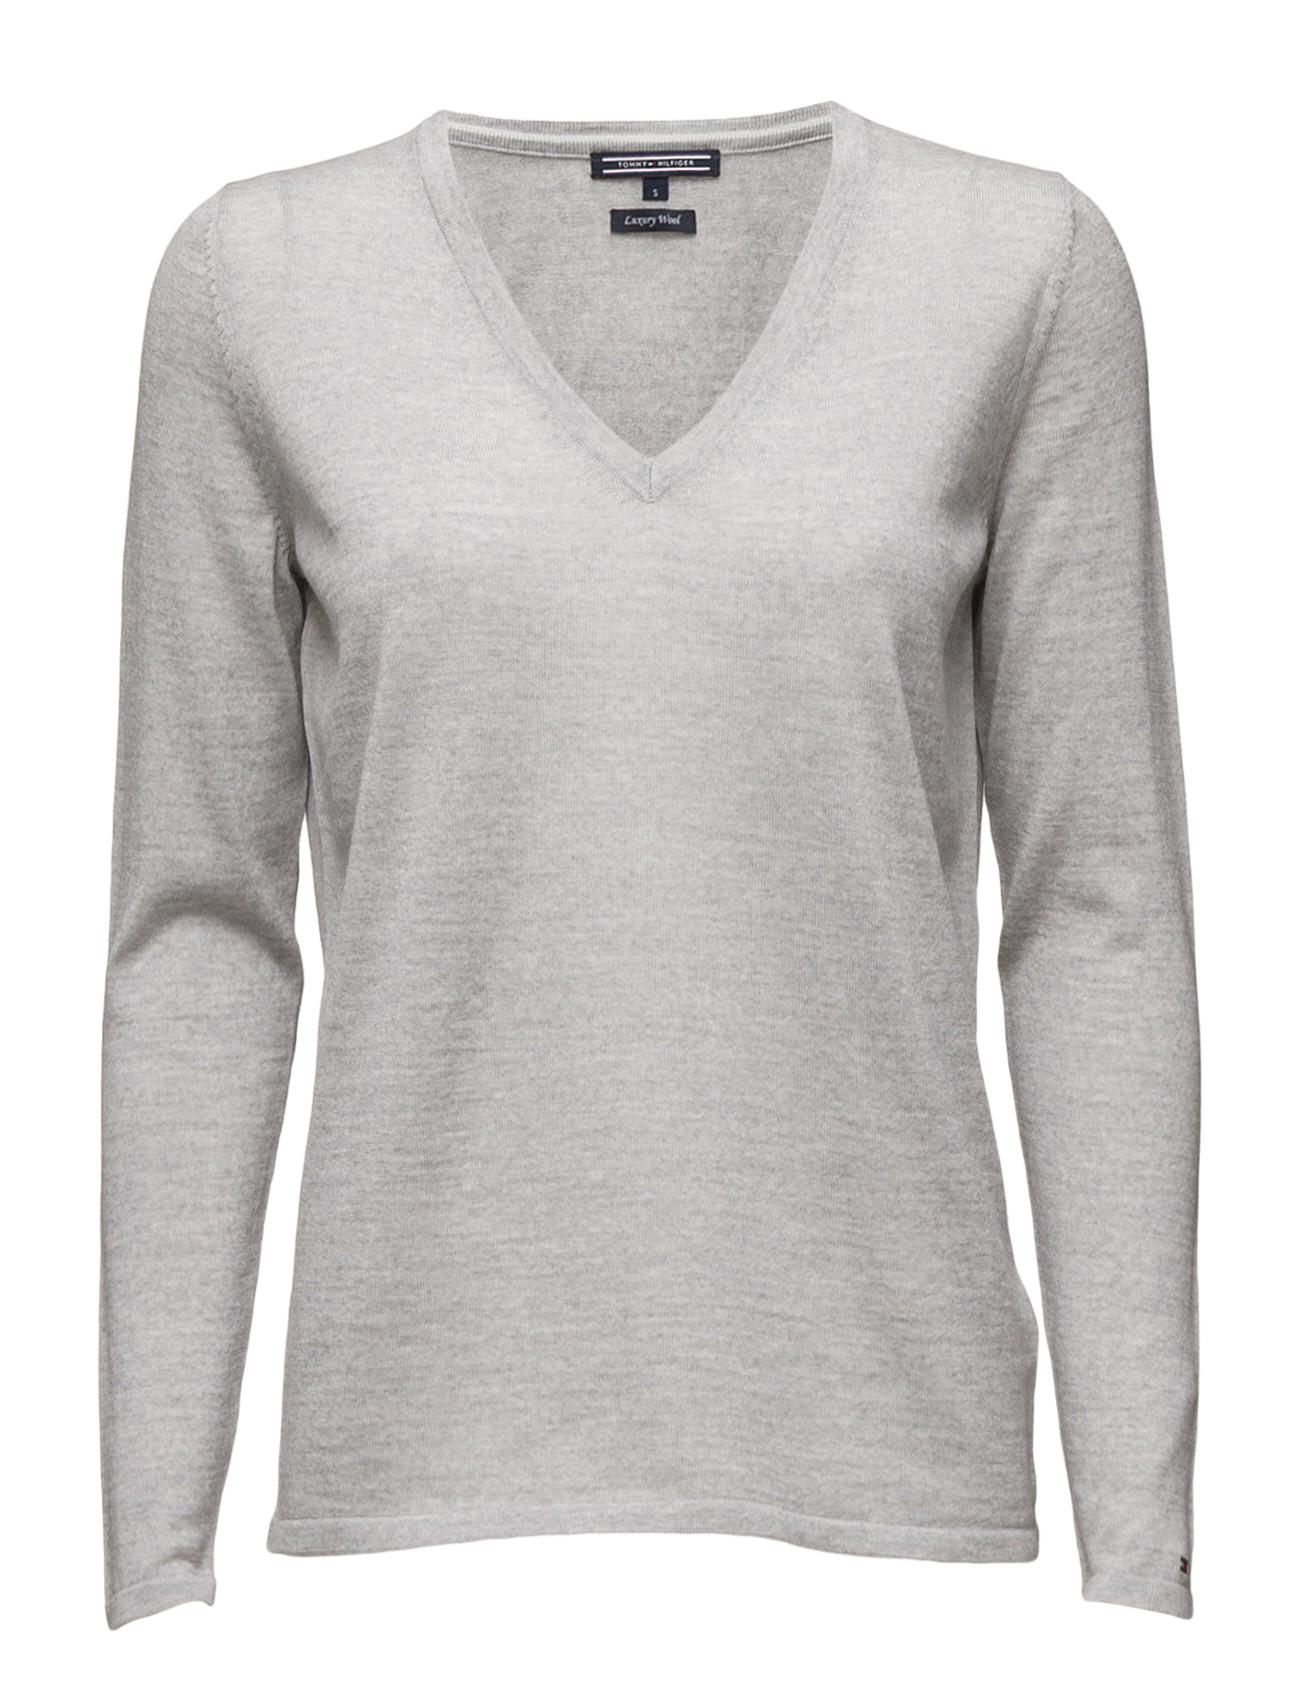 New Guvera V-Nk Swtr Tommy Hilfiger Sweatshirts til Kvinder i Sort